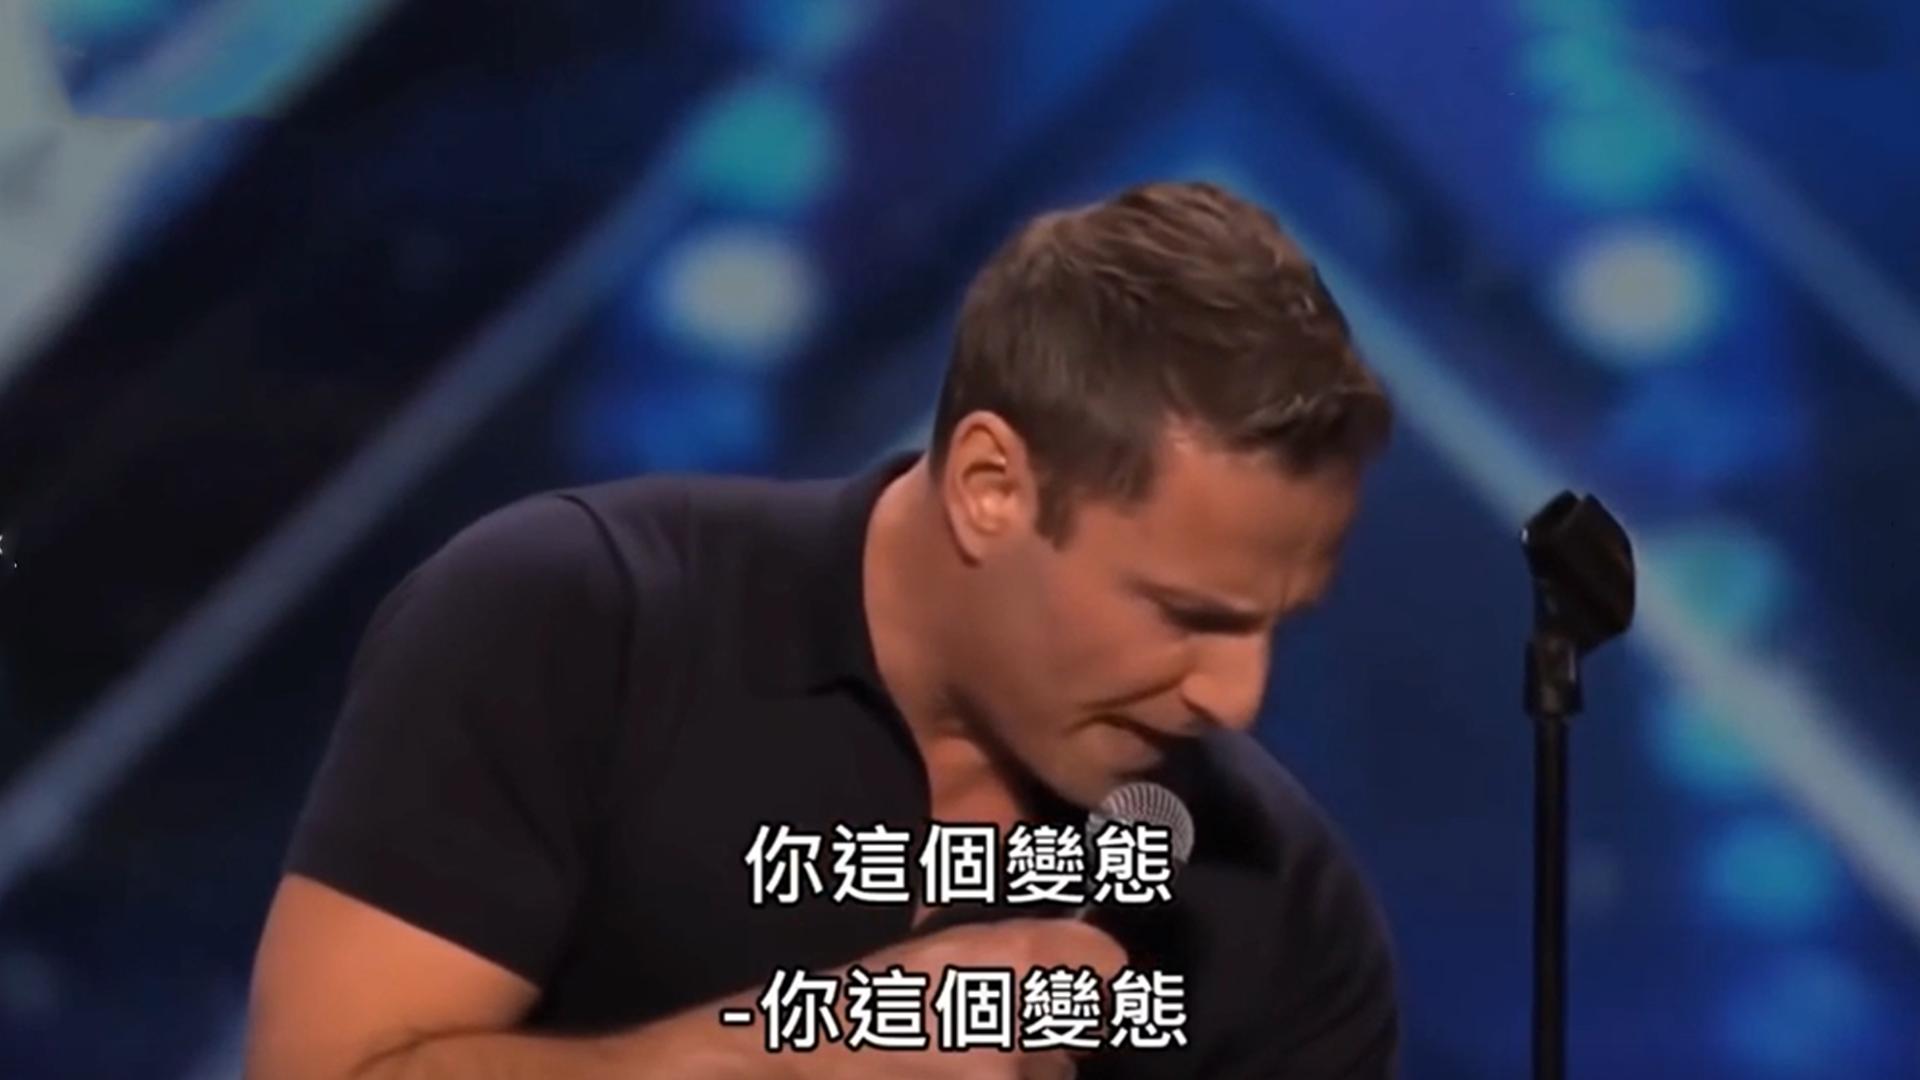 美国达人秀:男子带着布偶表演腹语,结果场面一度失控!